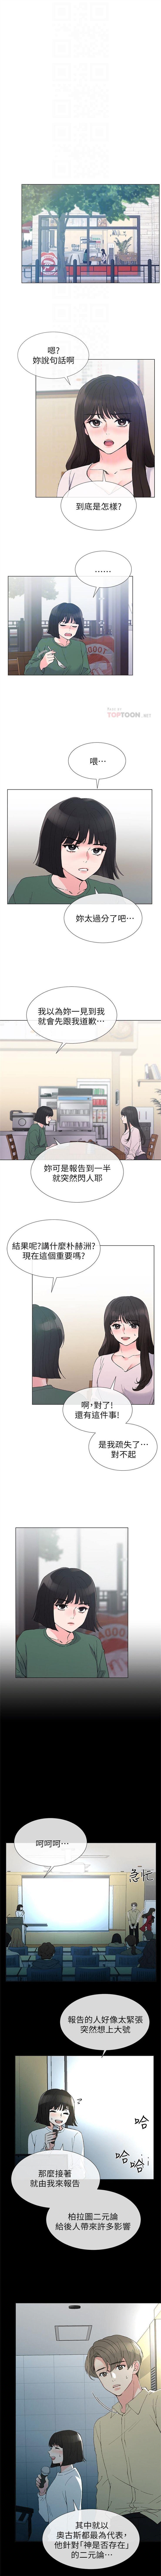 (週5)重考生 1-52 中文翻譯(更新中) 253